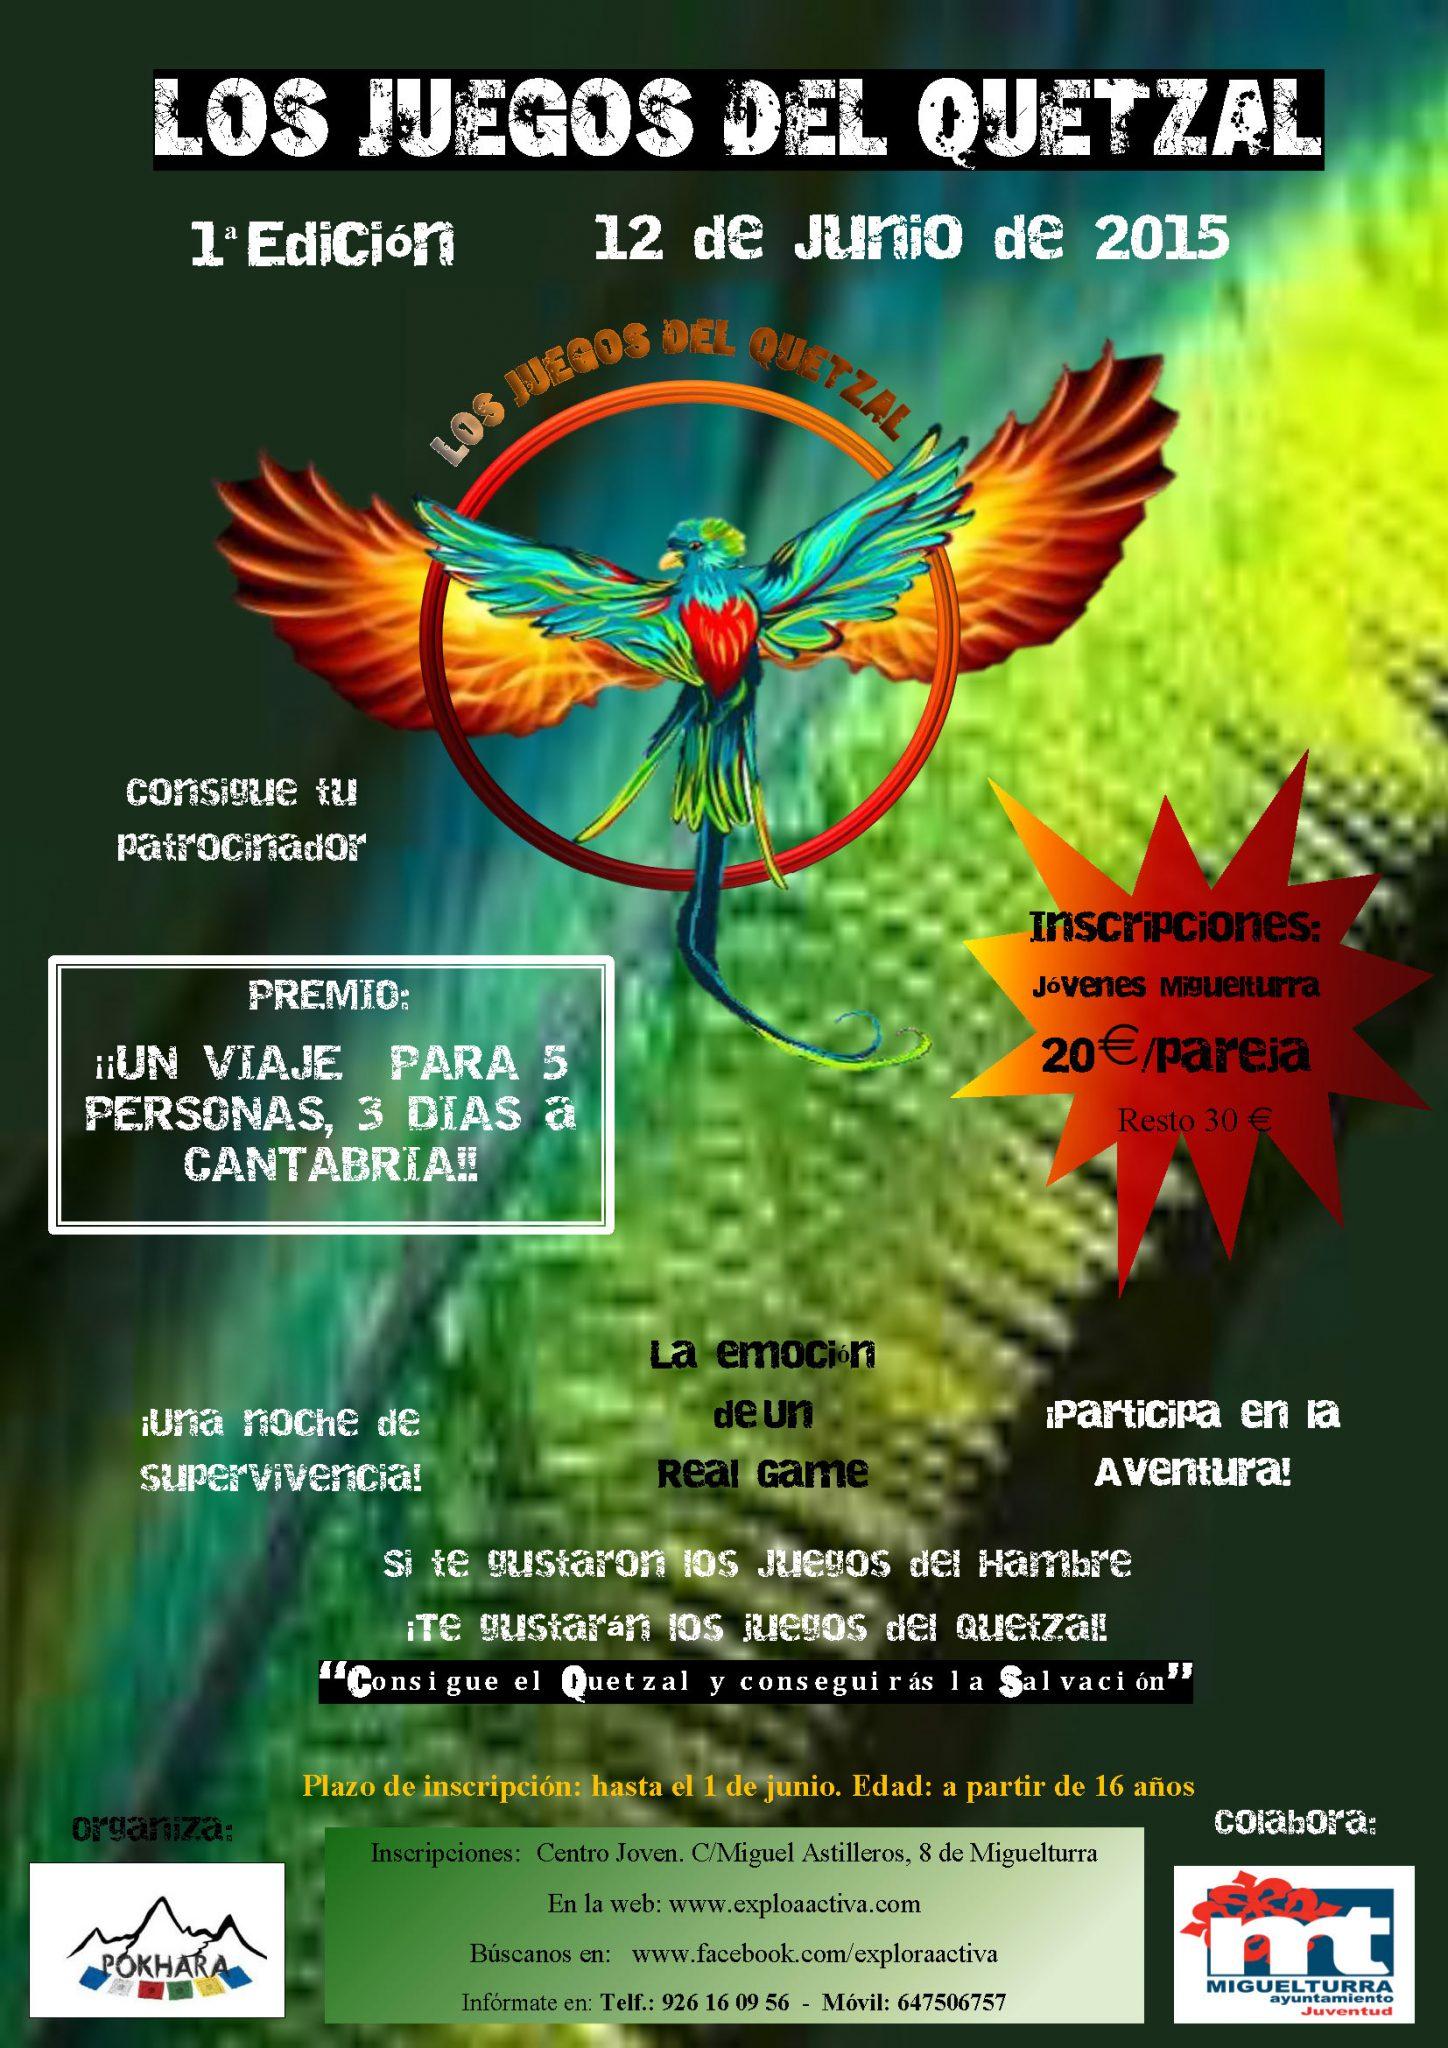 La asociación miguelturreña Pokhara organiza la Primera Edición de los Juegos del Quetzal